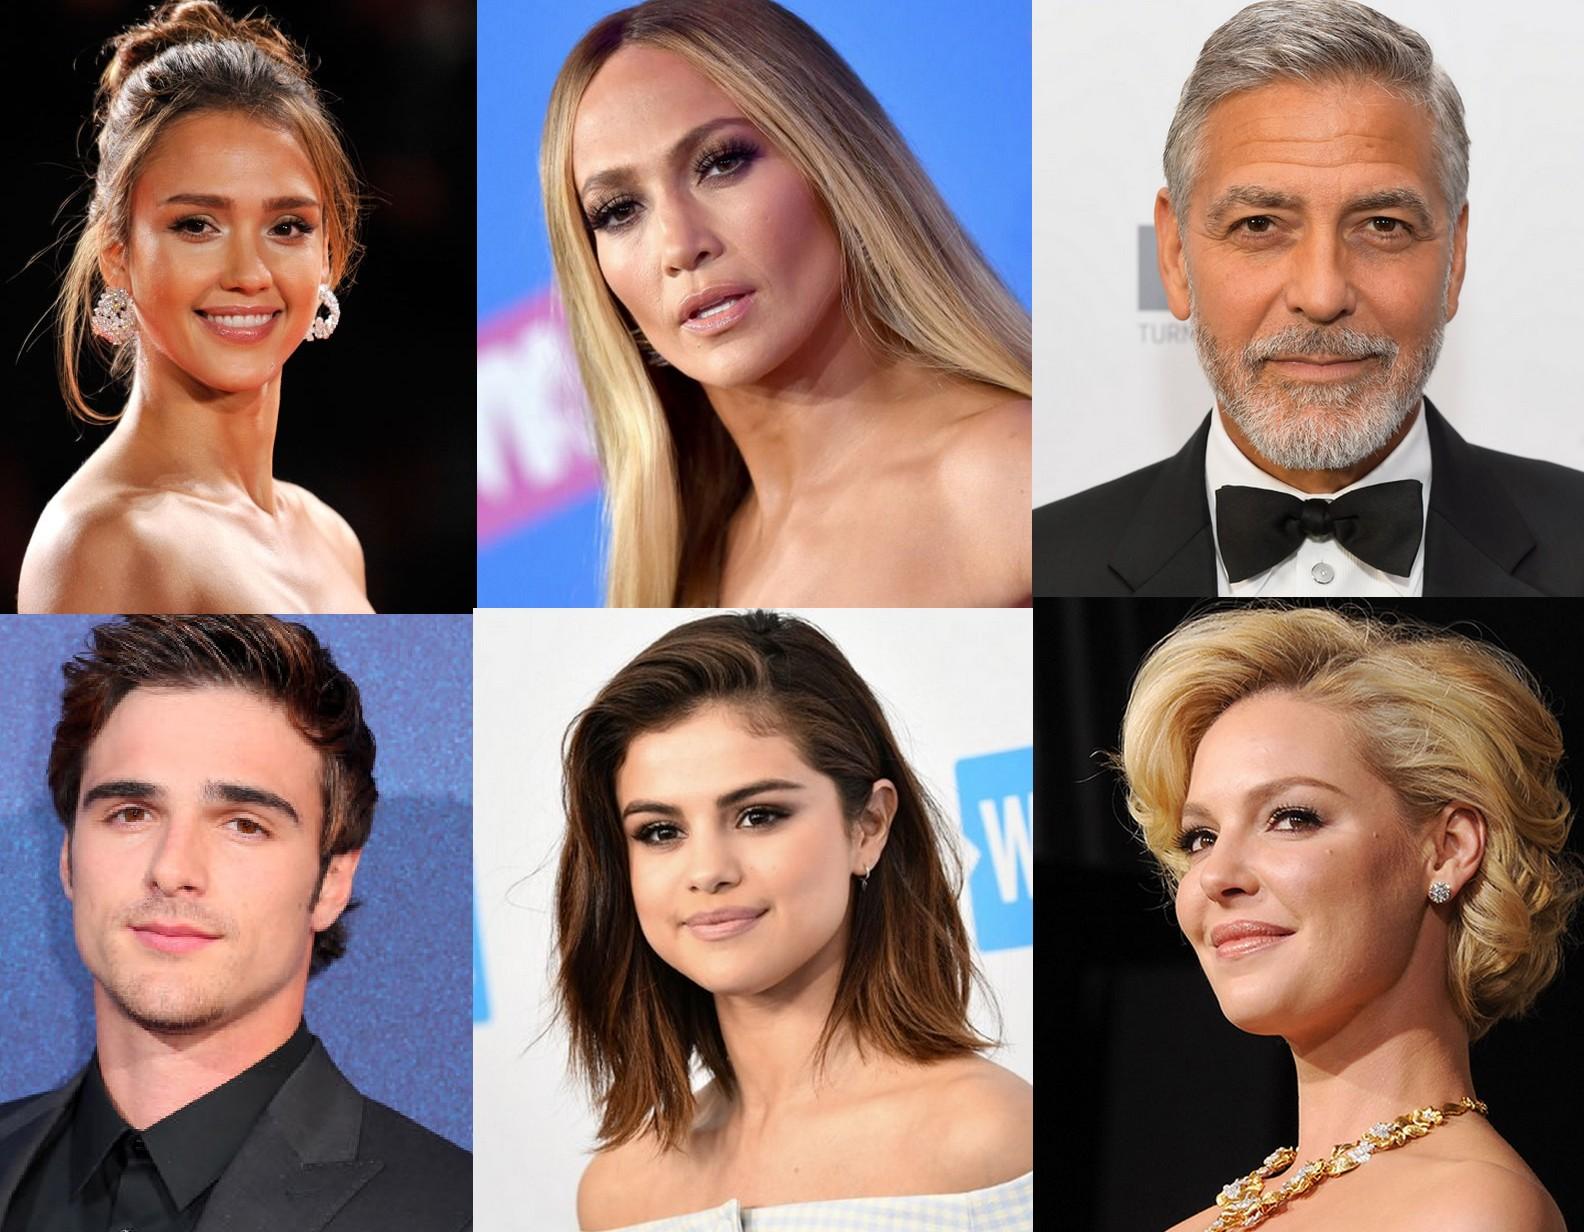 Una stilista da i voti alle star di Hollywood: chi sono i migliori e i peggiori con cui lavorare?